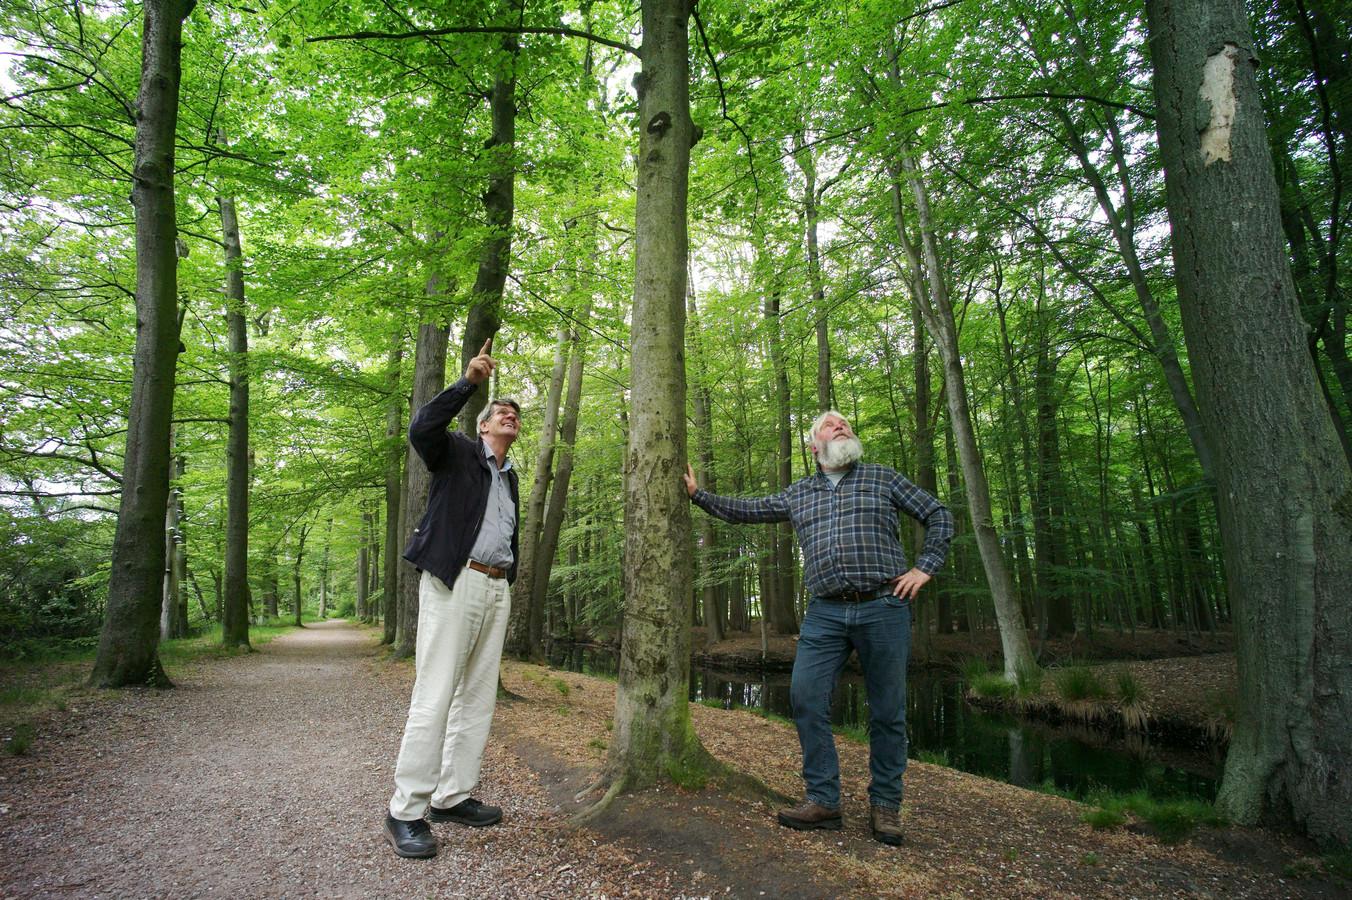 Henk Hekman, voorzitter van de Gelderman Stichting, en parkbeheerder Ton Schopman nemen de schade op in het wandelgebied 'De Eilandjes', waar veel bomen zijn aangetast en dit najaar vervangen gaan worden door nieuwe, gezonde exemplaren.